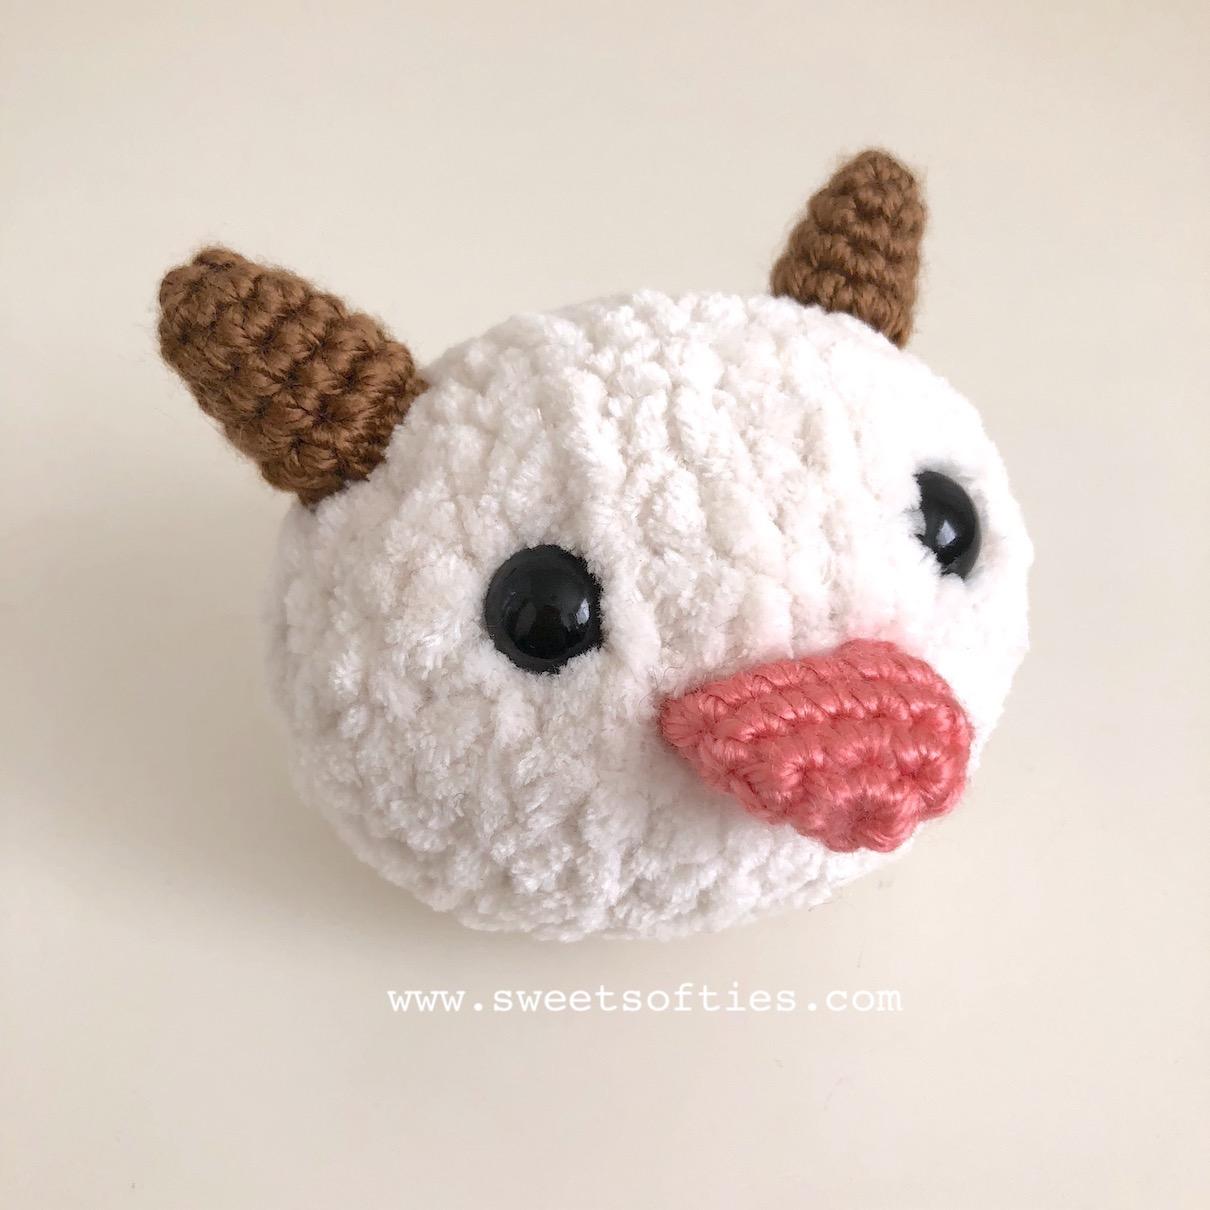 Crochet doll, amigurumi doll, knitted lol doll, handmade doll ... | 1210x1210